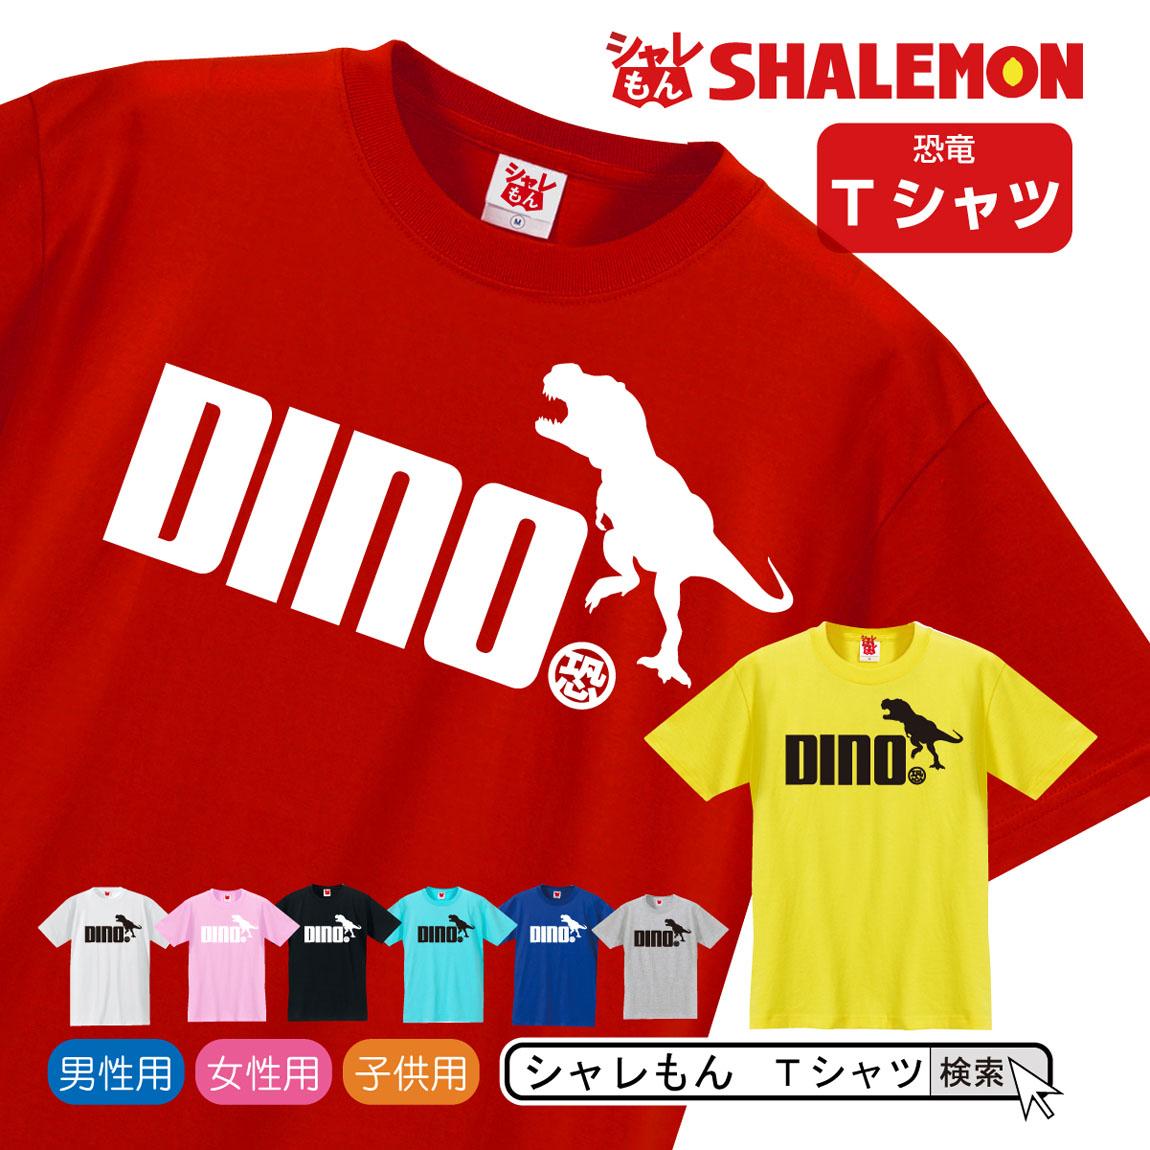 シャレもん アニマル 恐竜 おもしろTシャツ 【 選べる8色 Tシャツ DINO ジャンプ 】 面白い プレゼント 雑貨 グッズ 男性 女性 子供 半袖 しゃれもん